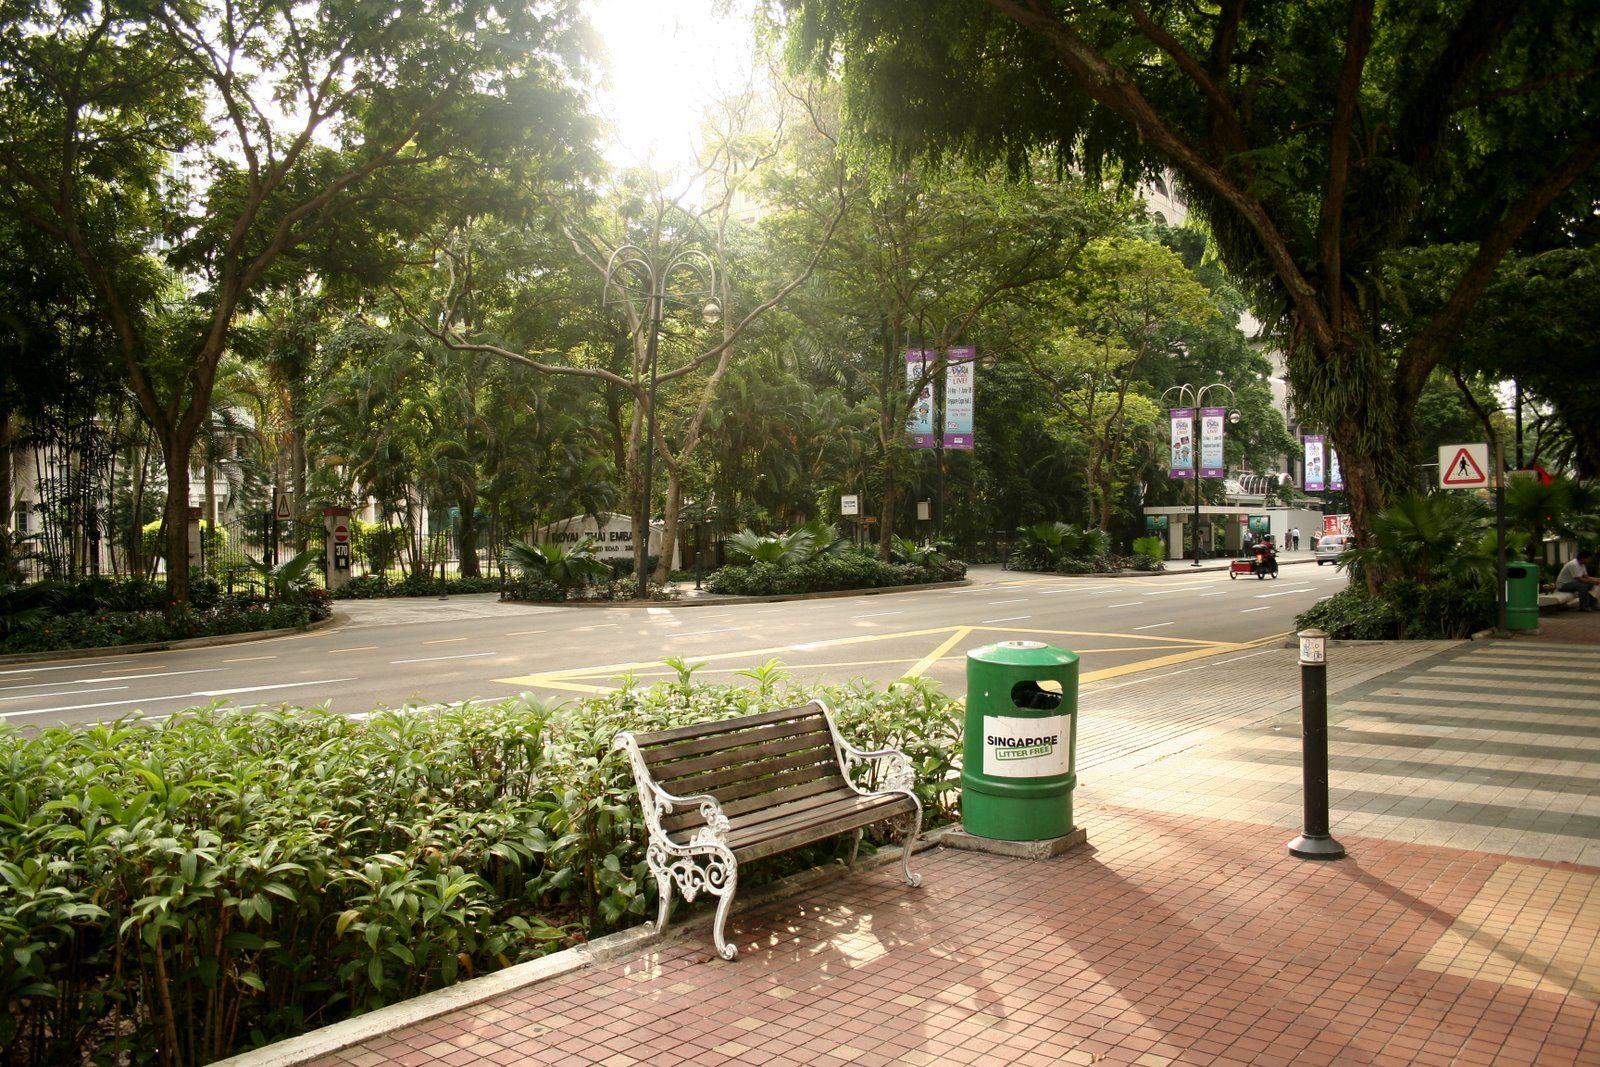 Singapur Gezilecek Yerler | mg 2843